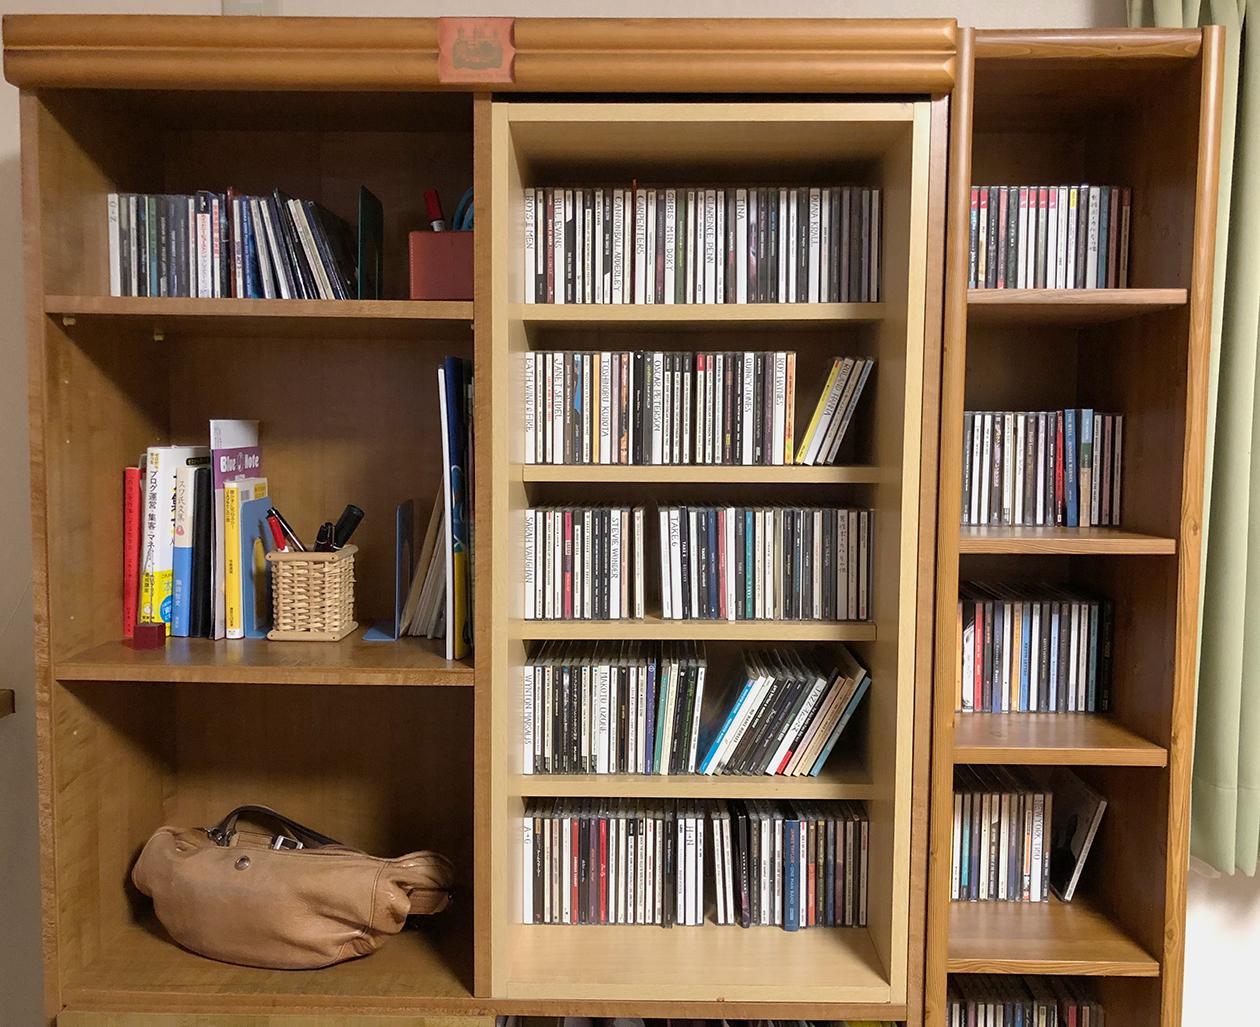 自作のCDラックをはめ込んだ棚の写真